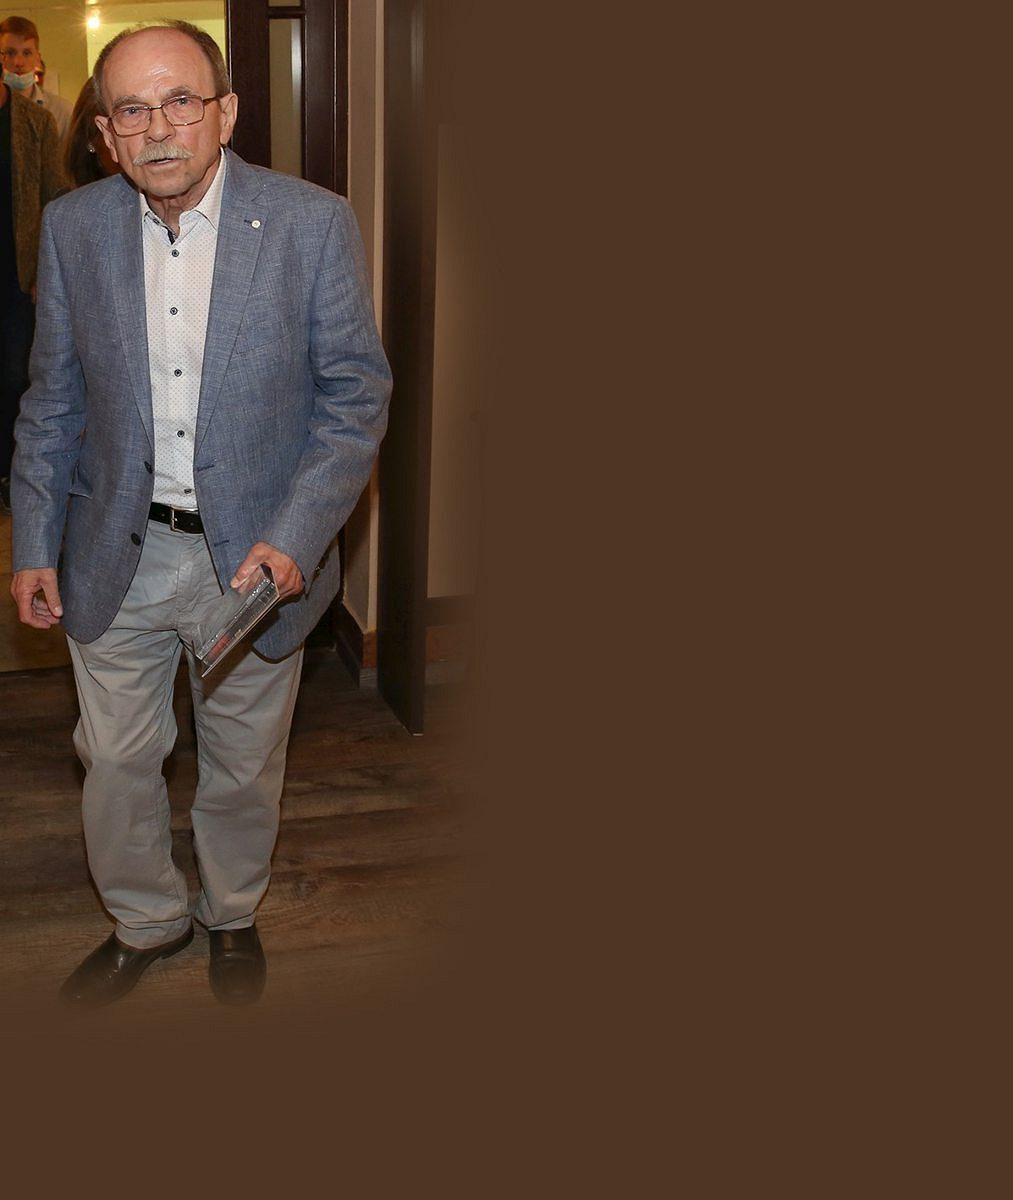 Jaroslav Uhlíř (74) poprvé po zmizení vyrazil mezi lidi: Takhle smanželkou vypadali